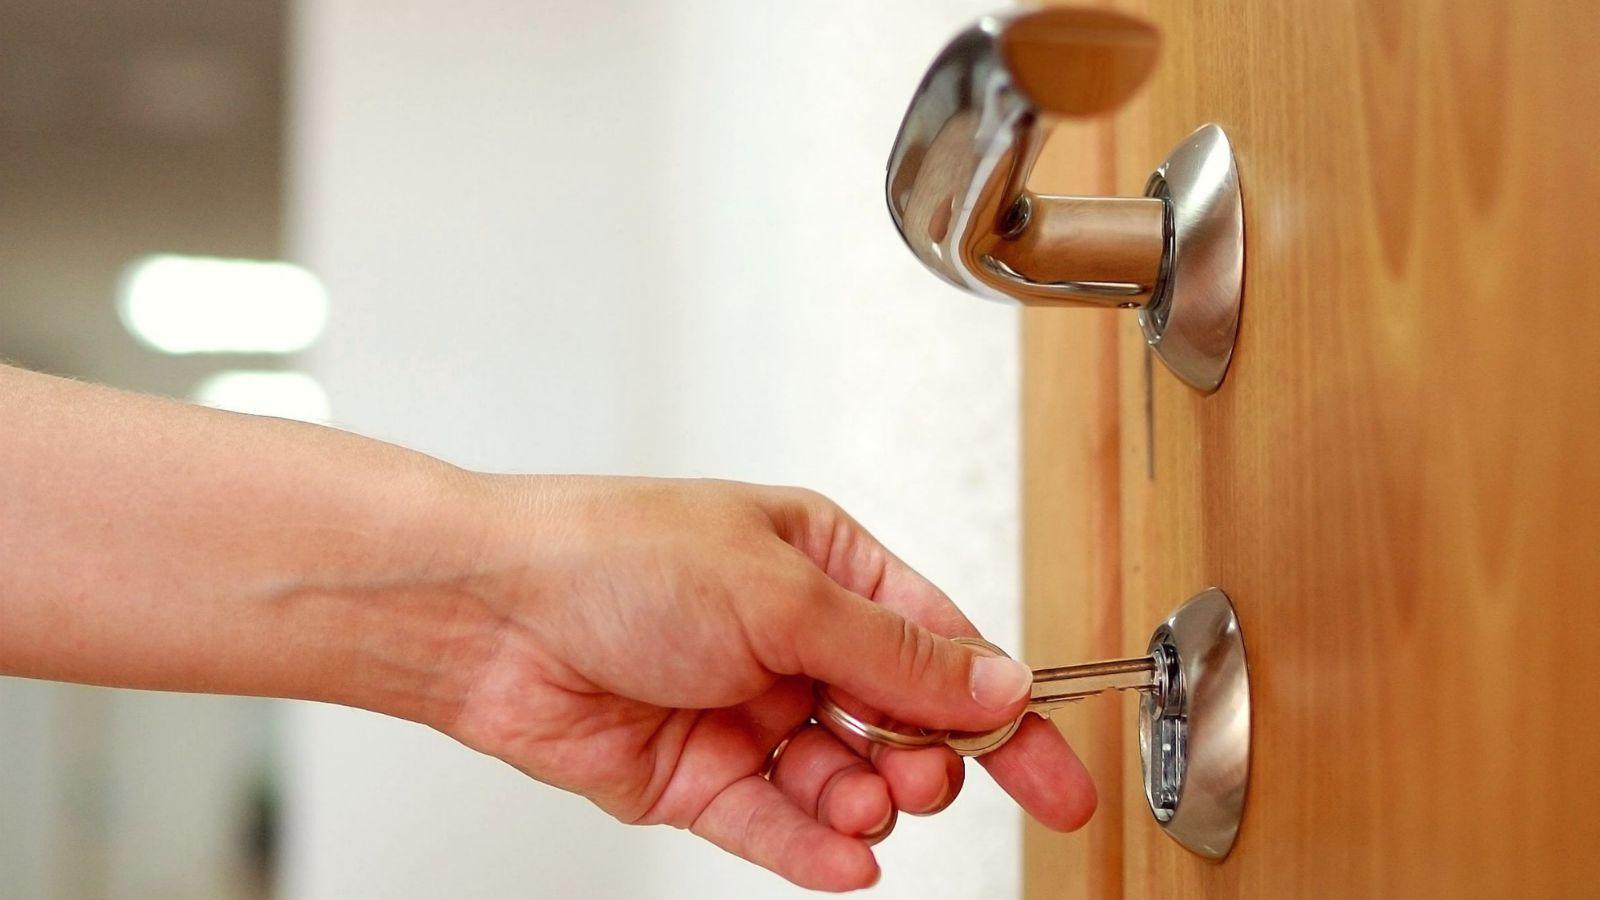 Image result for 24 hour locksmith emergency locksmith